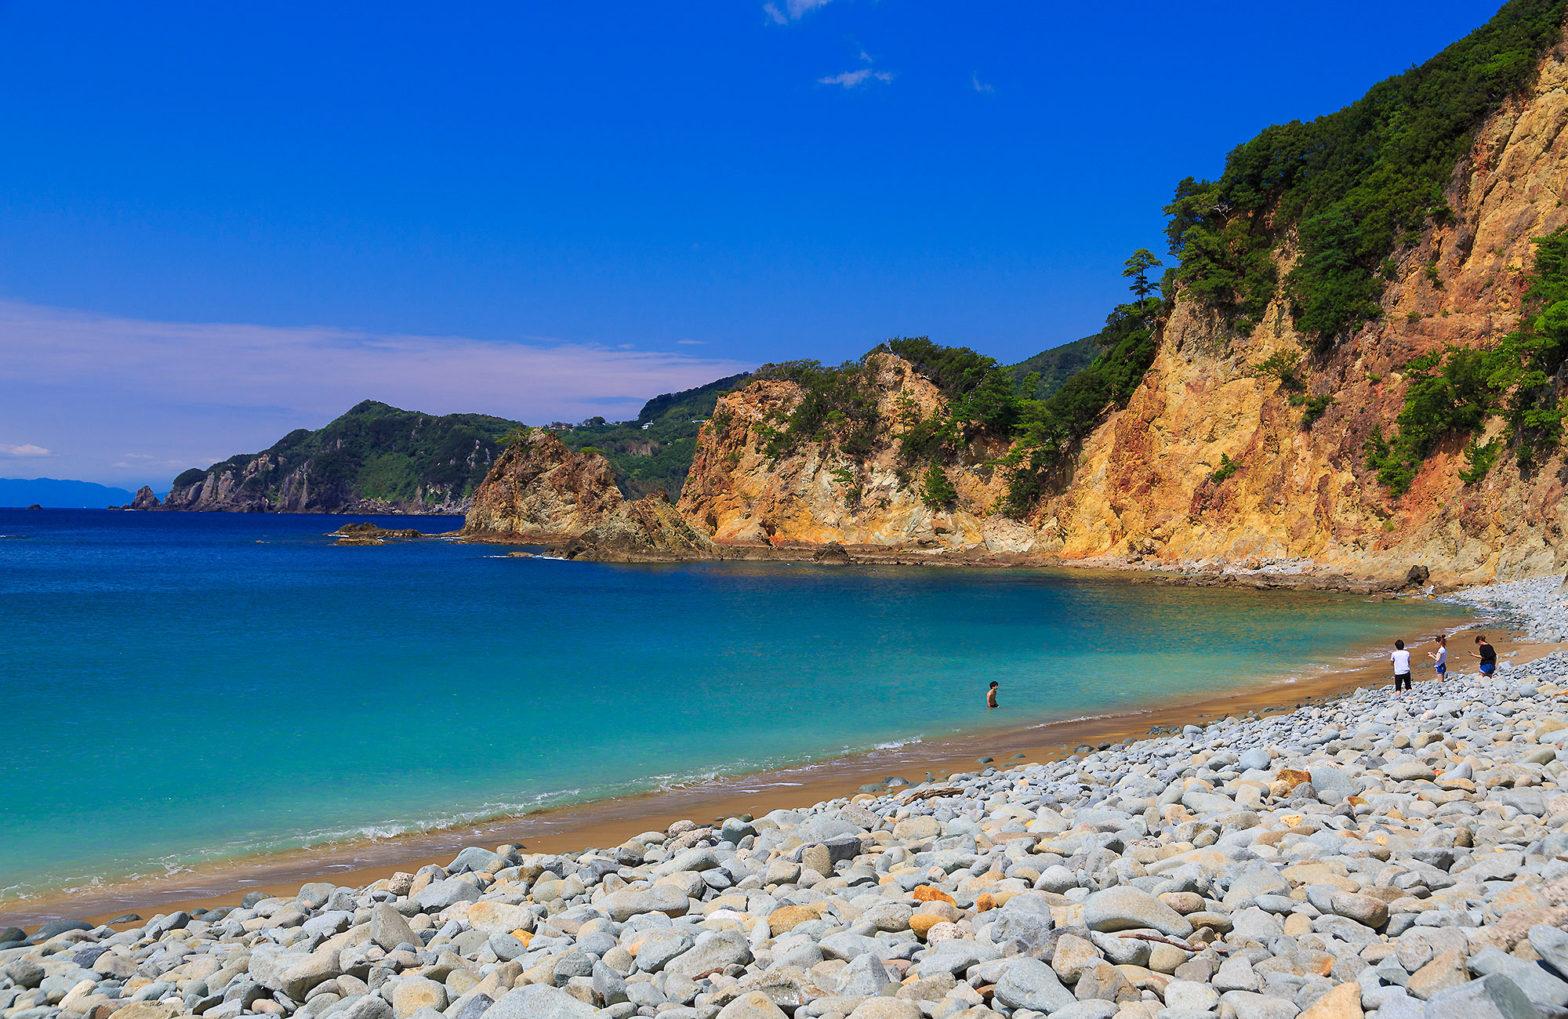 Koganezaki Swimming Beach